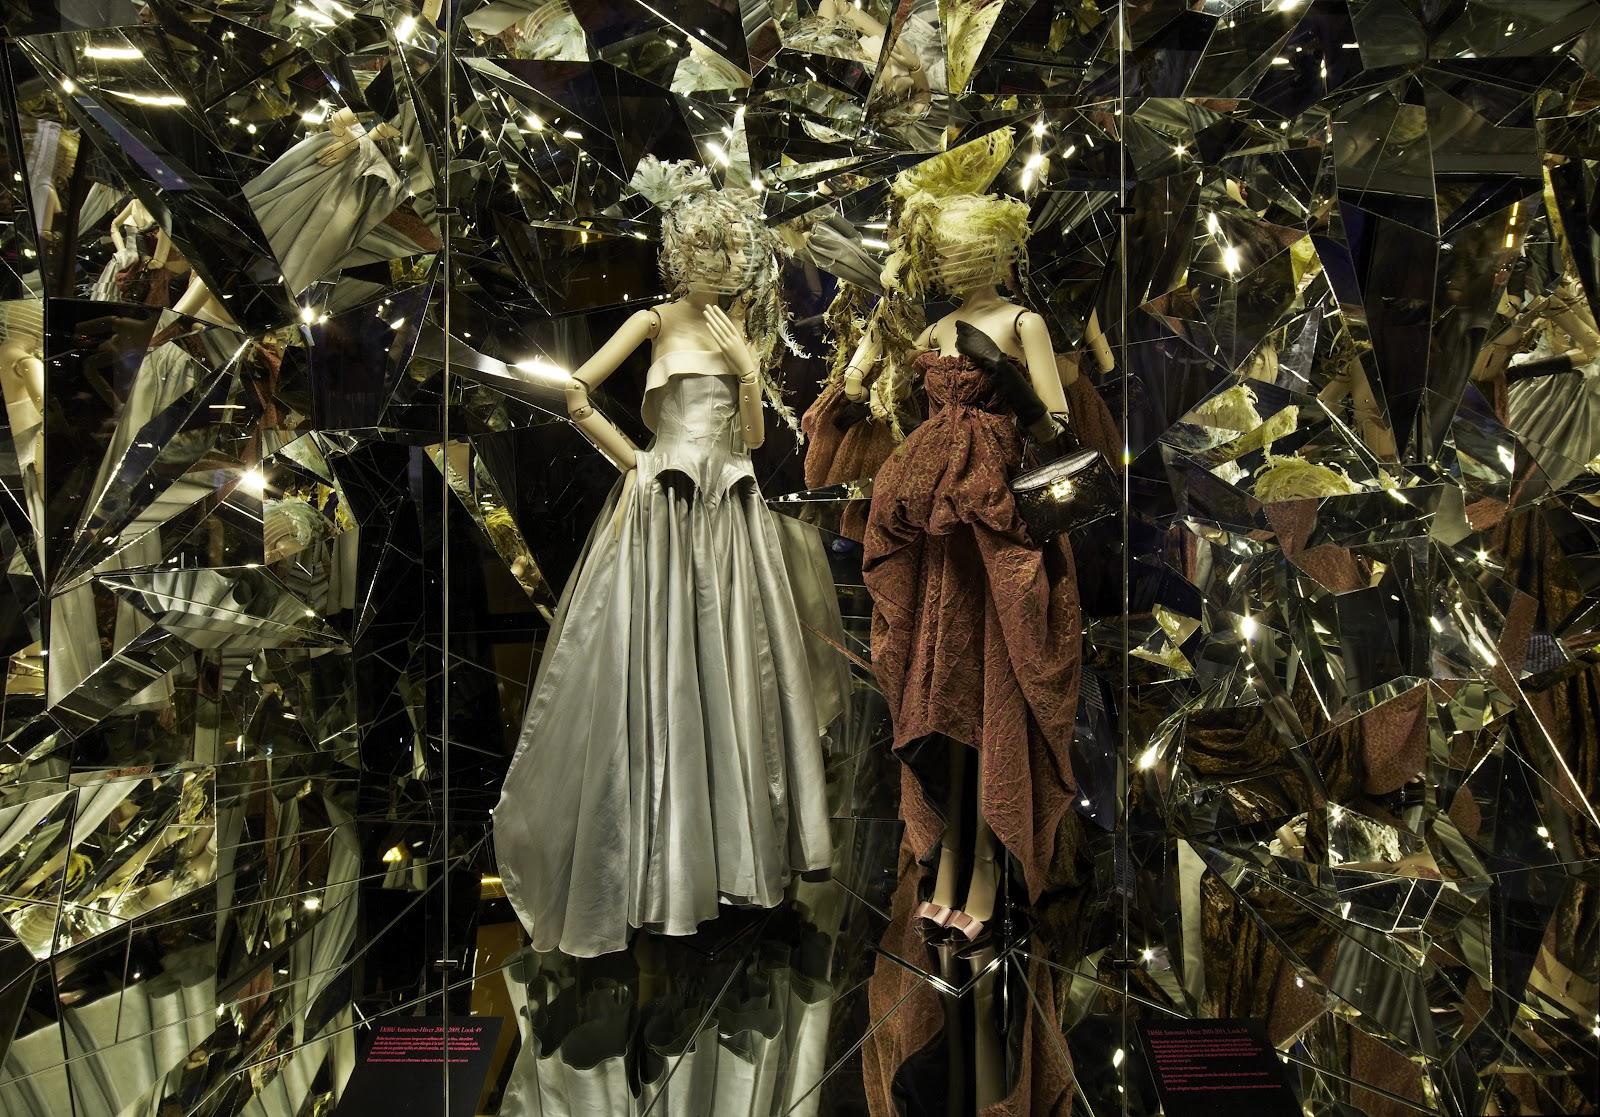 7a2211943a1 Louis Vuitton-Marc Jacobs Exhibition Launches in Paris at Musée des ...